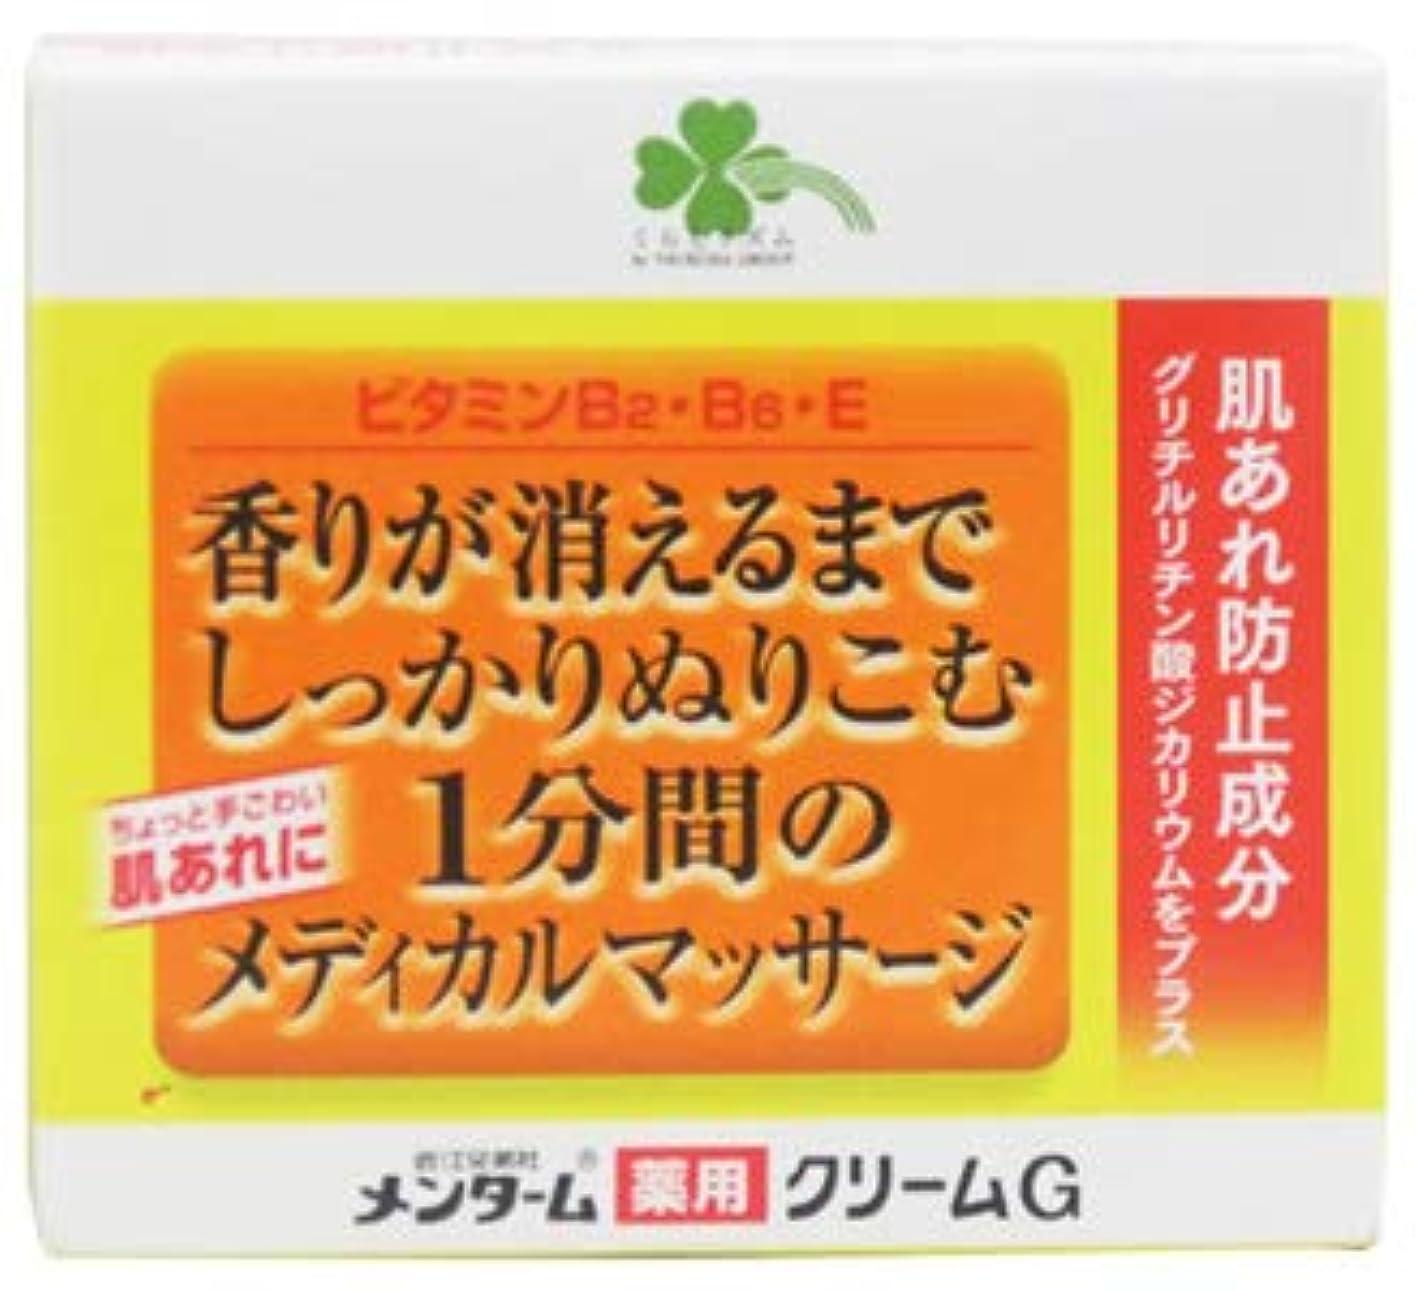 くらしリズム 近江兄弟社 メンターム 薬用クリームG メディカルクリームG (145g) 【医薬部外品】